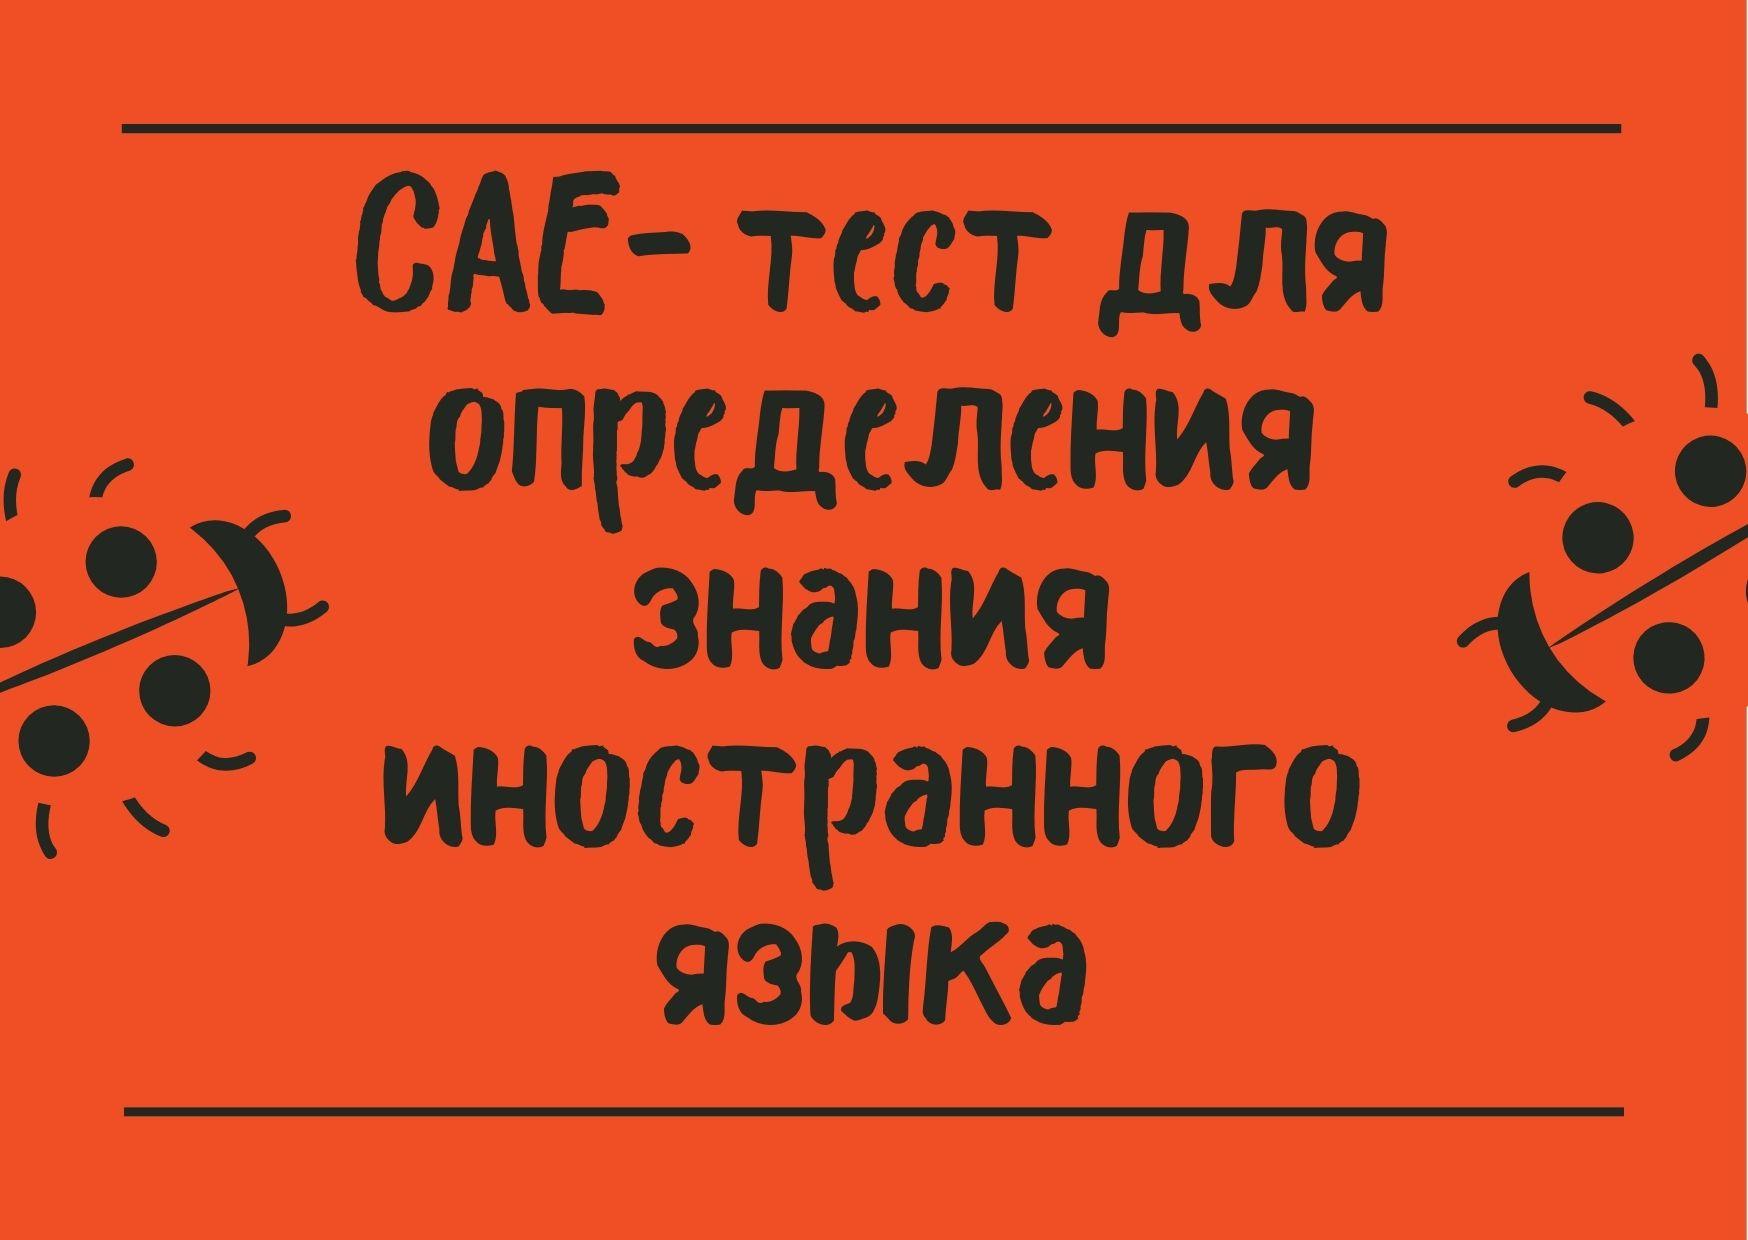 САЕ- тест для определения знания иностранного языка